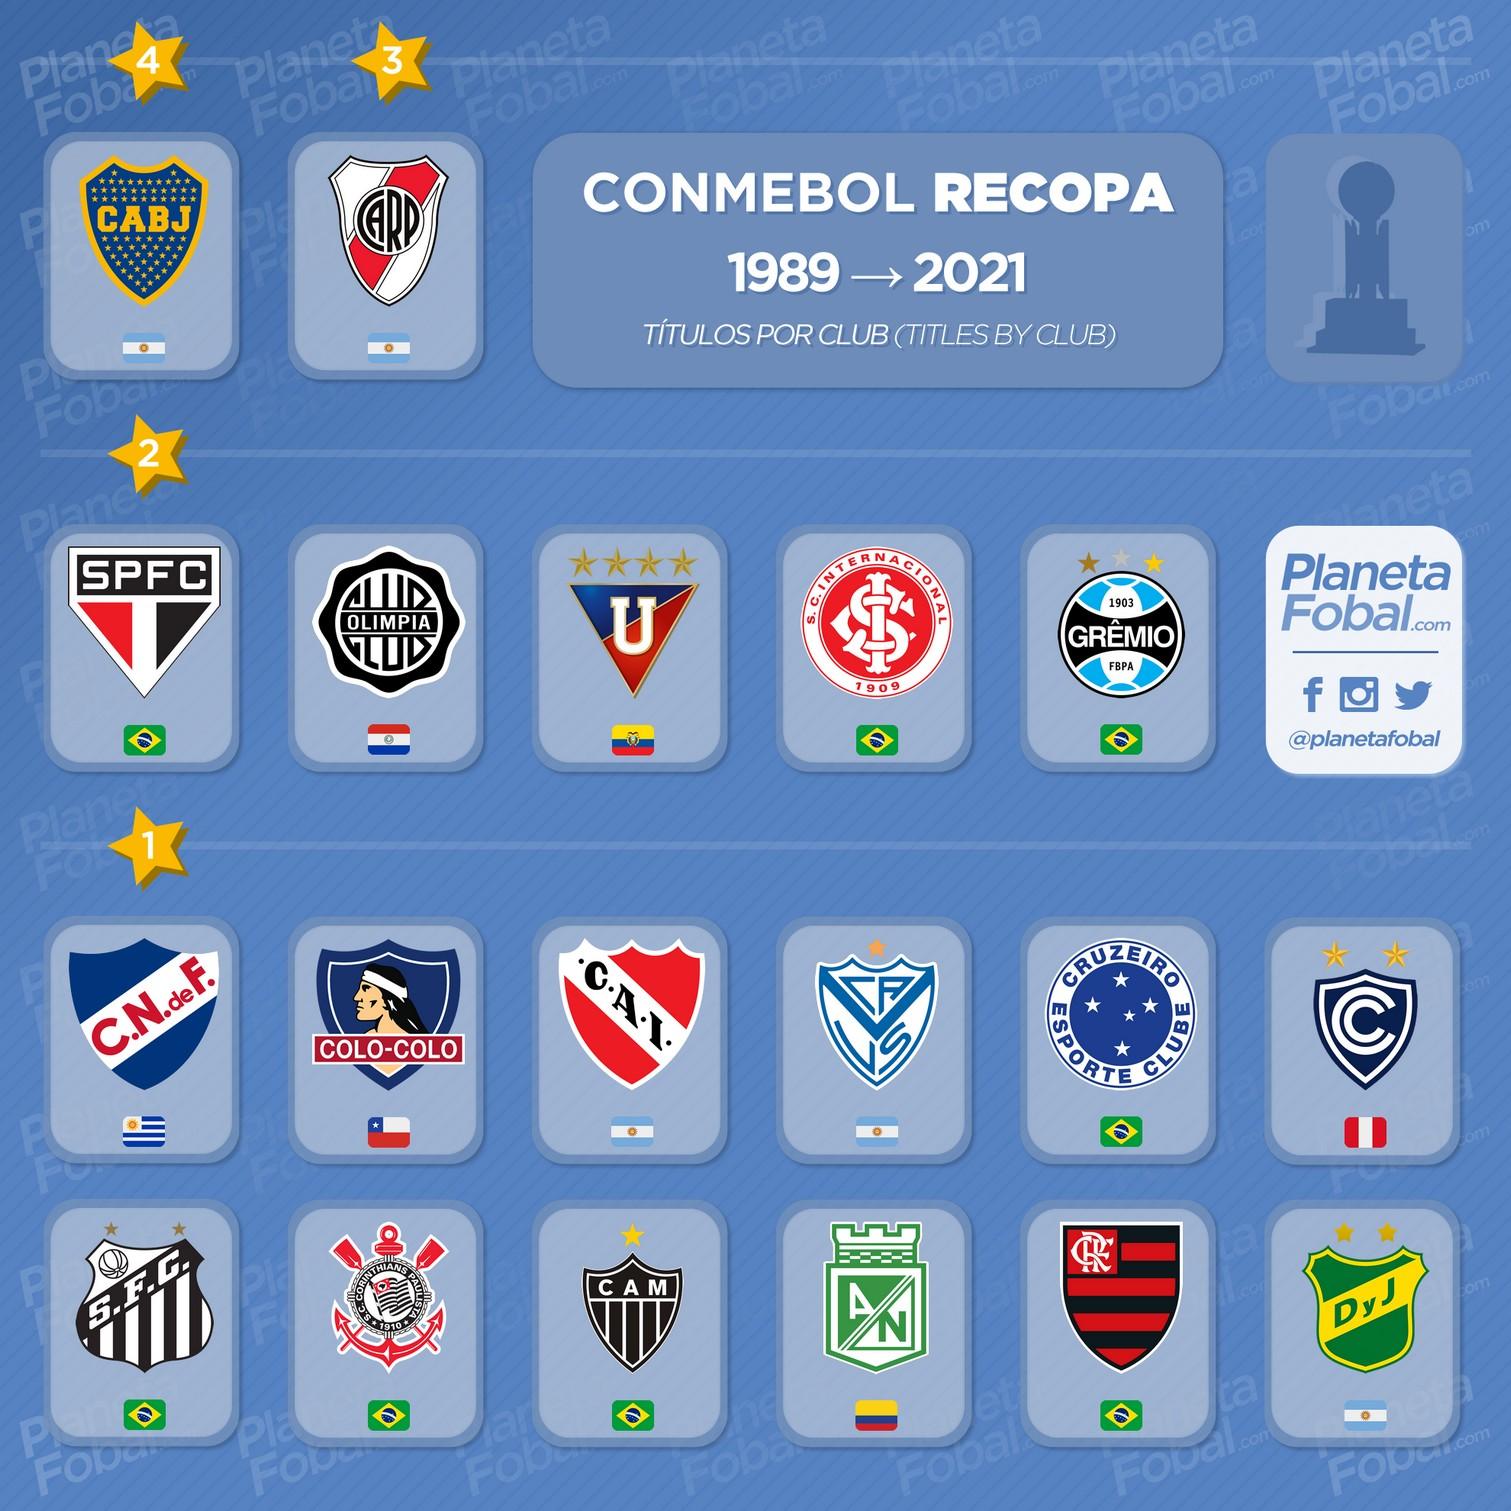 Campeones de la CONMEBOL Recopa 1989 → 2021 (Títulos por club)